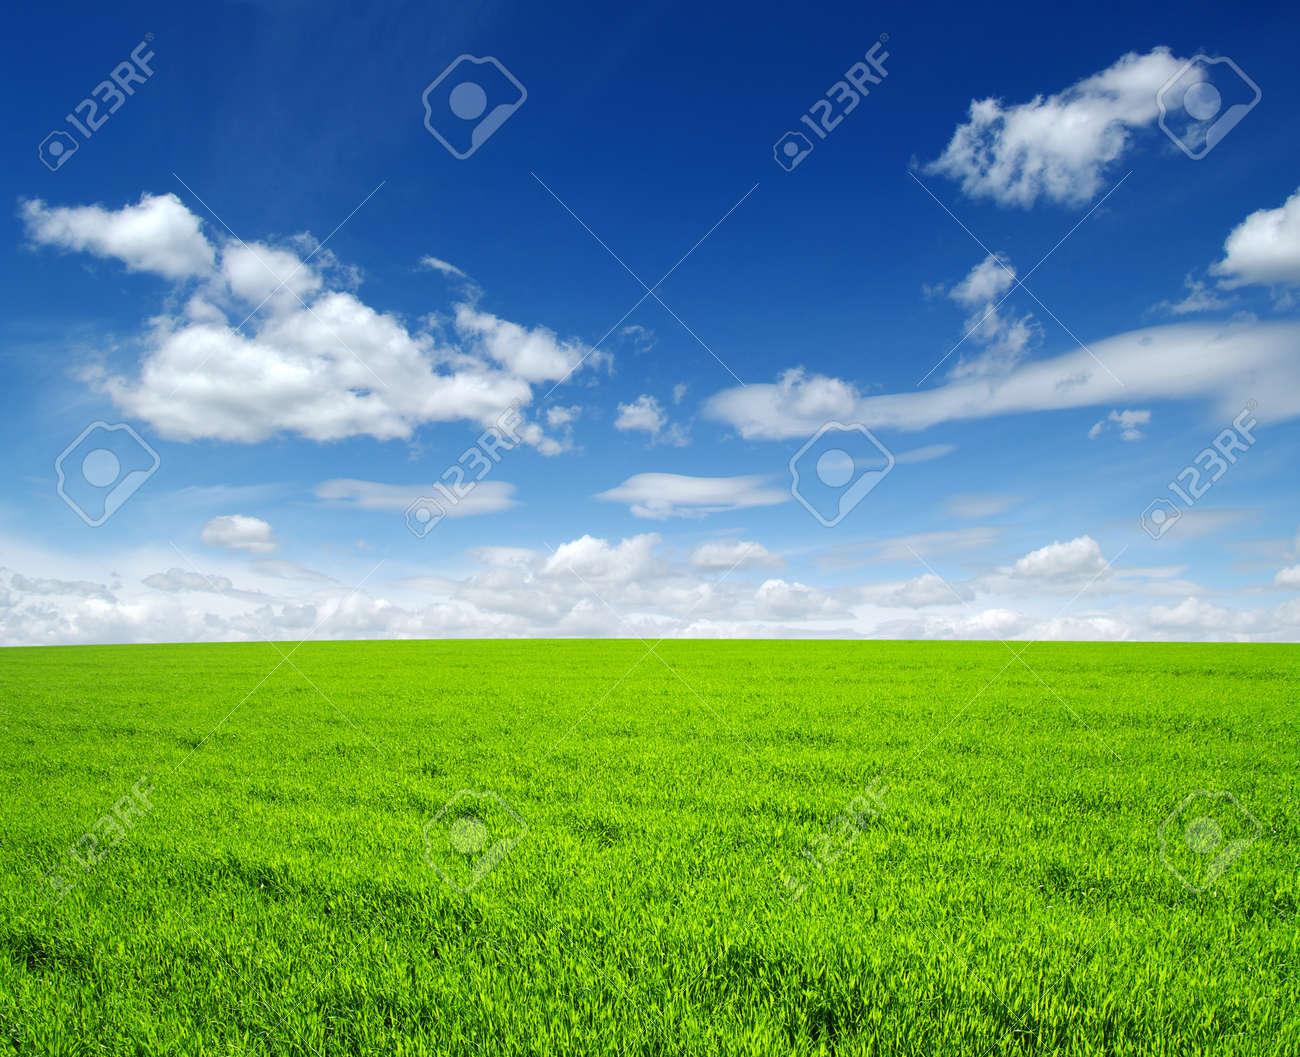 champ d'herbe verte et de ciel Banque d'images - 48653615